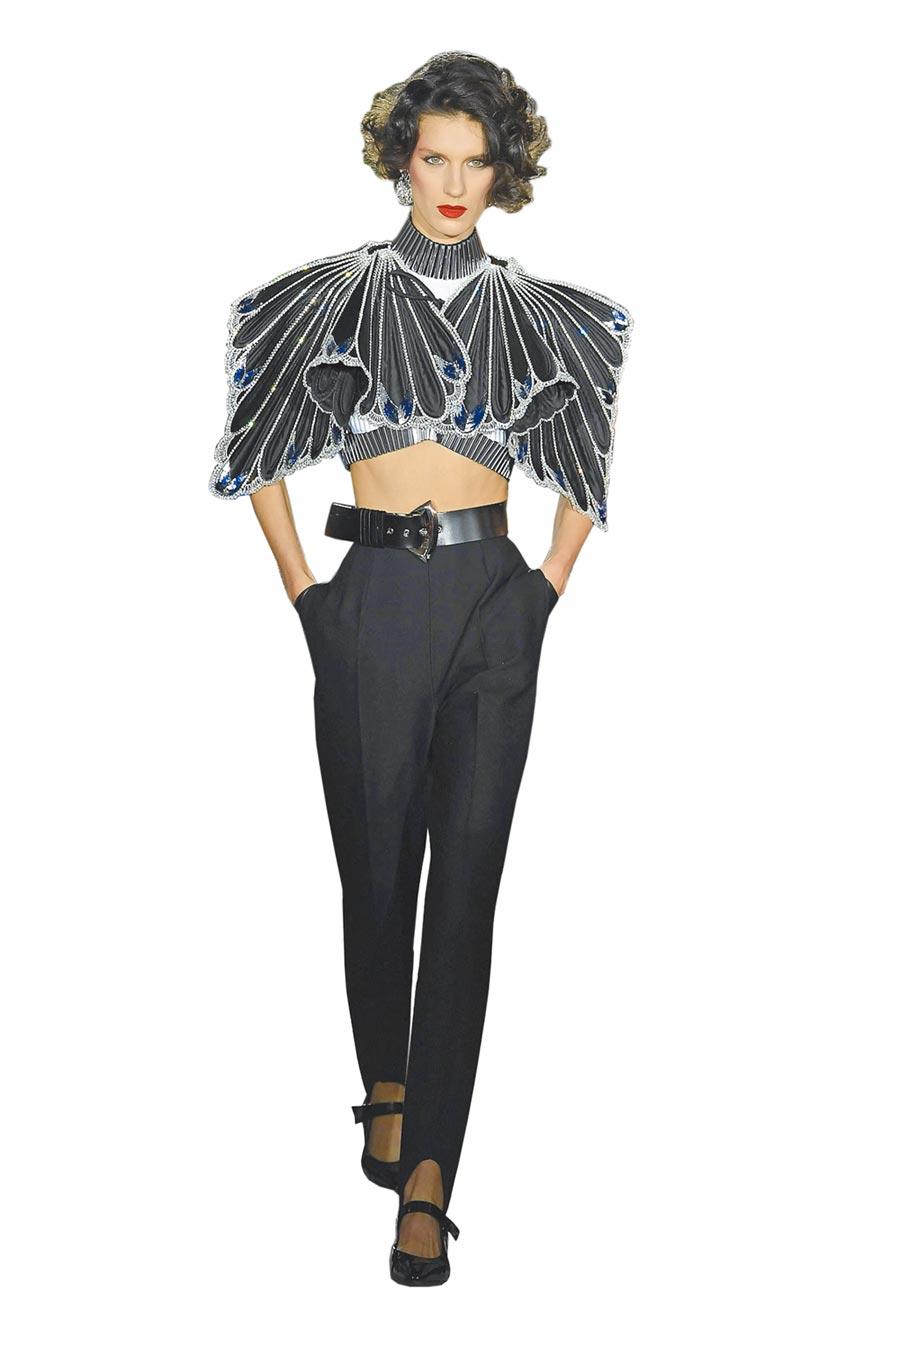 披肩以多片羽毛形狀的放射拼接與壓皺,在邊緣水鑽的映襯下更能顯出輪廓的陰暗感。(LV提供)